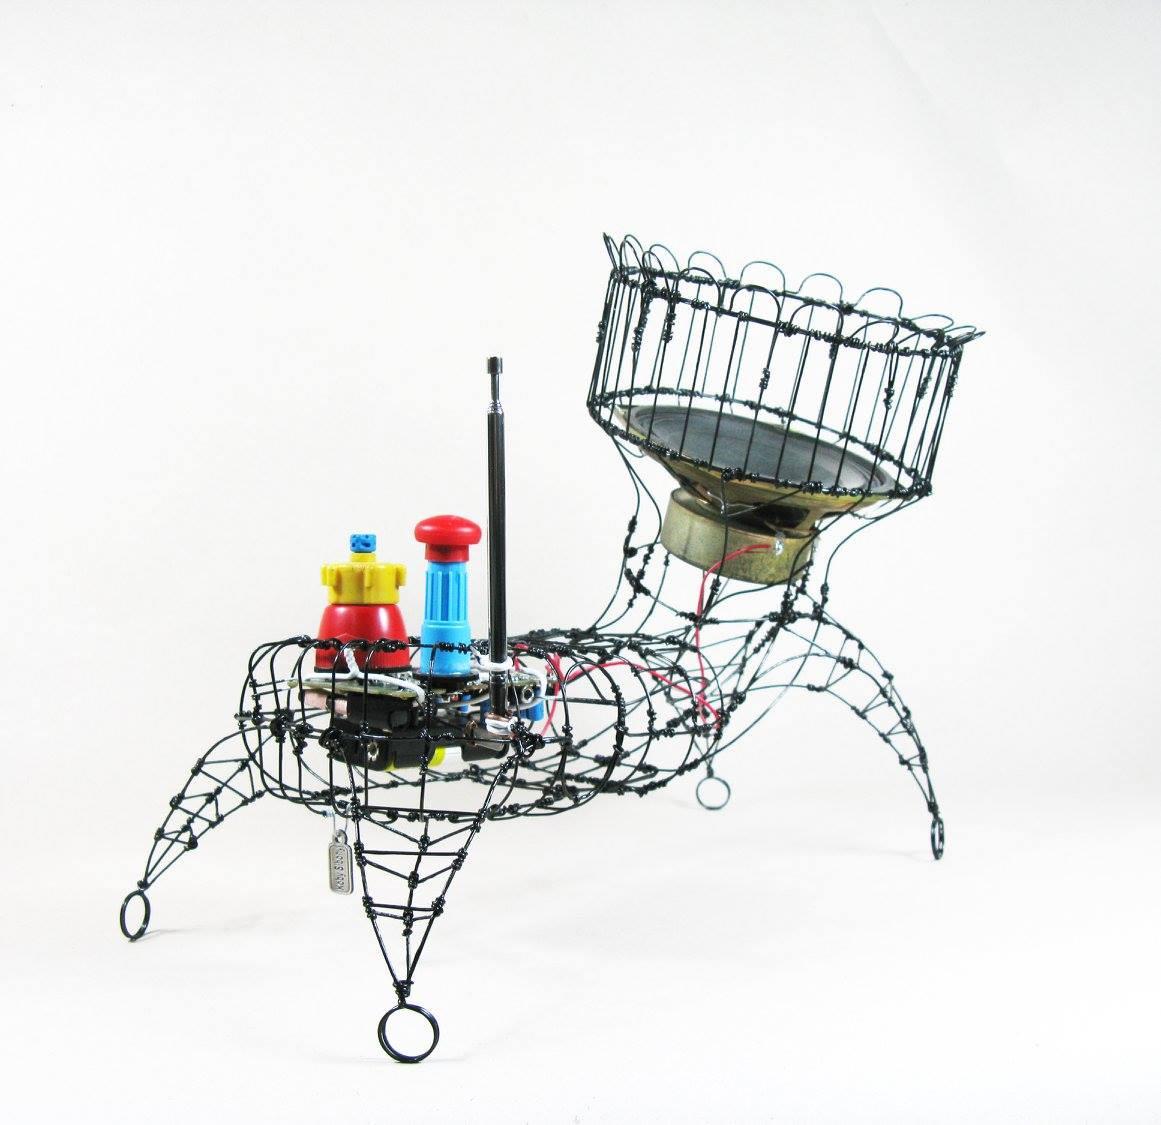 עיצוב תעשייתי | קובי סיבוני